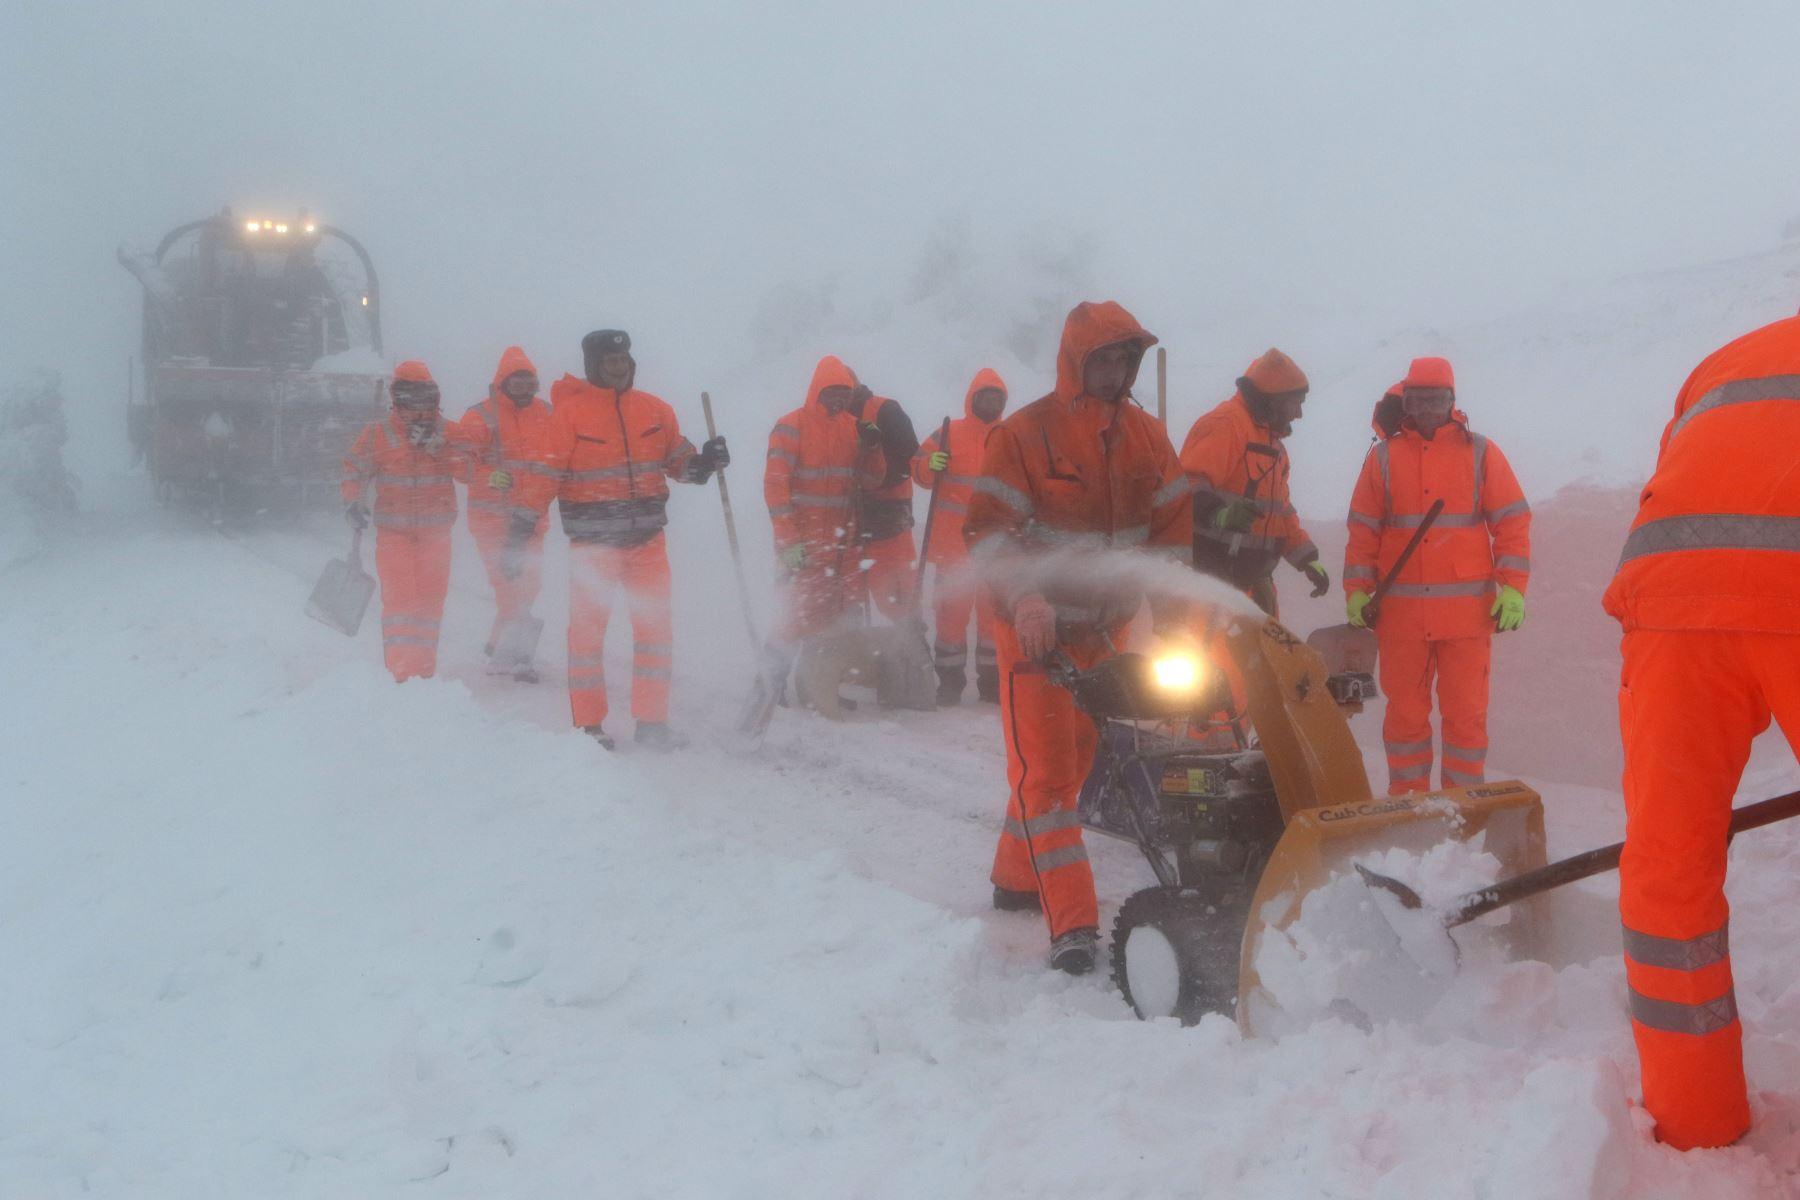 Los trabajadores intentan liberar un tren  de la vía estrecha Harzer Schmalspurbahn que se atascó en la nieve en la montaña Brocken en la región de Harz cerca de Schierke, Alemania central. AFP